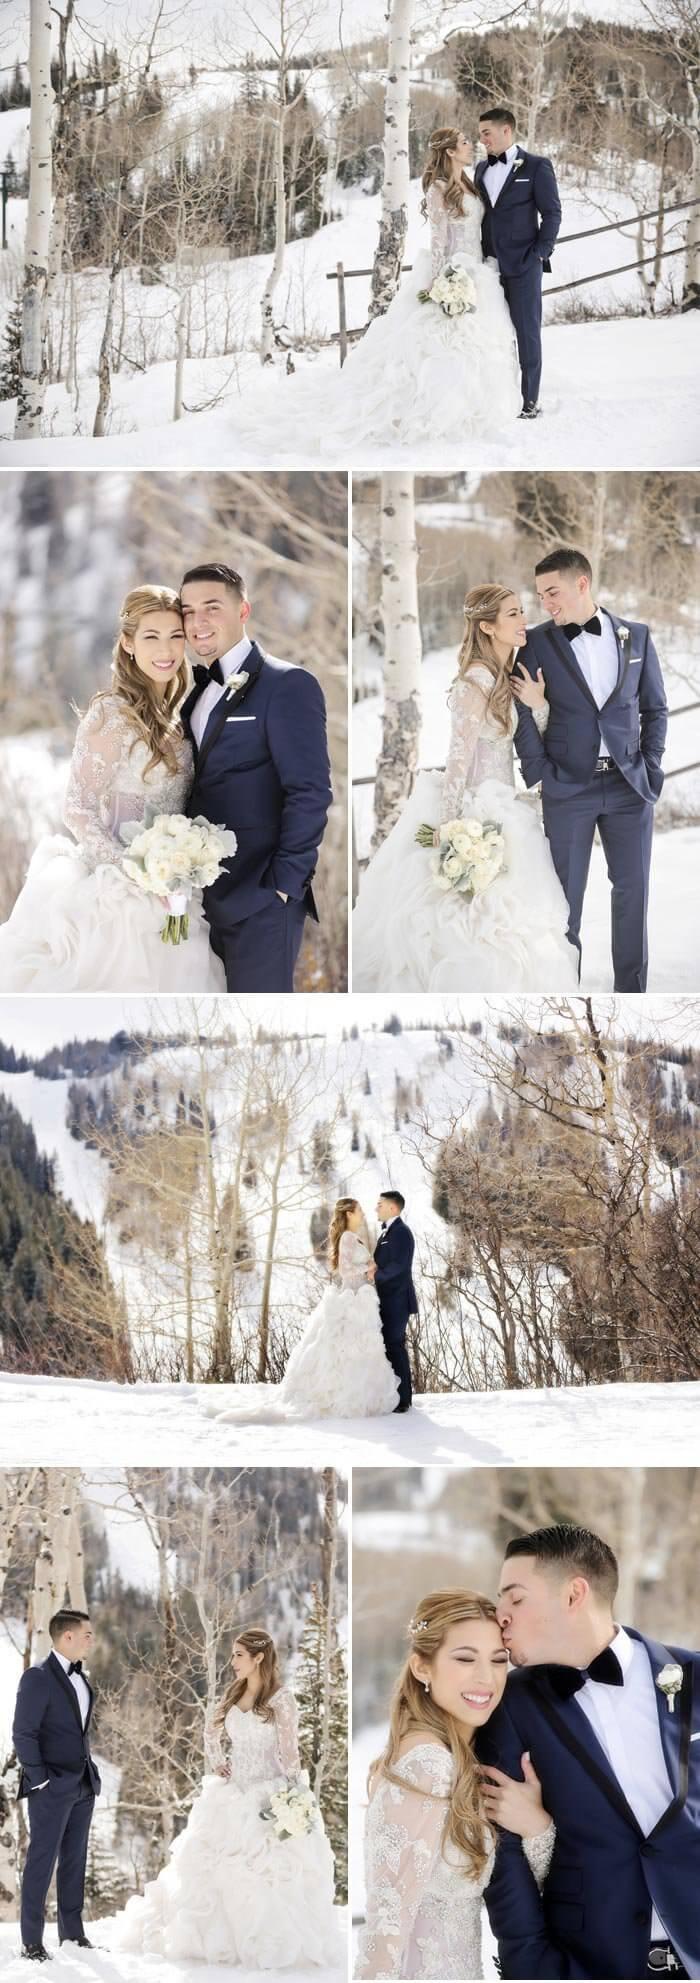 Brautkleid Winter Style: Die 13 Schönsten Winter